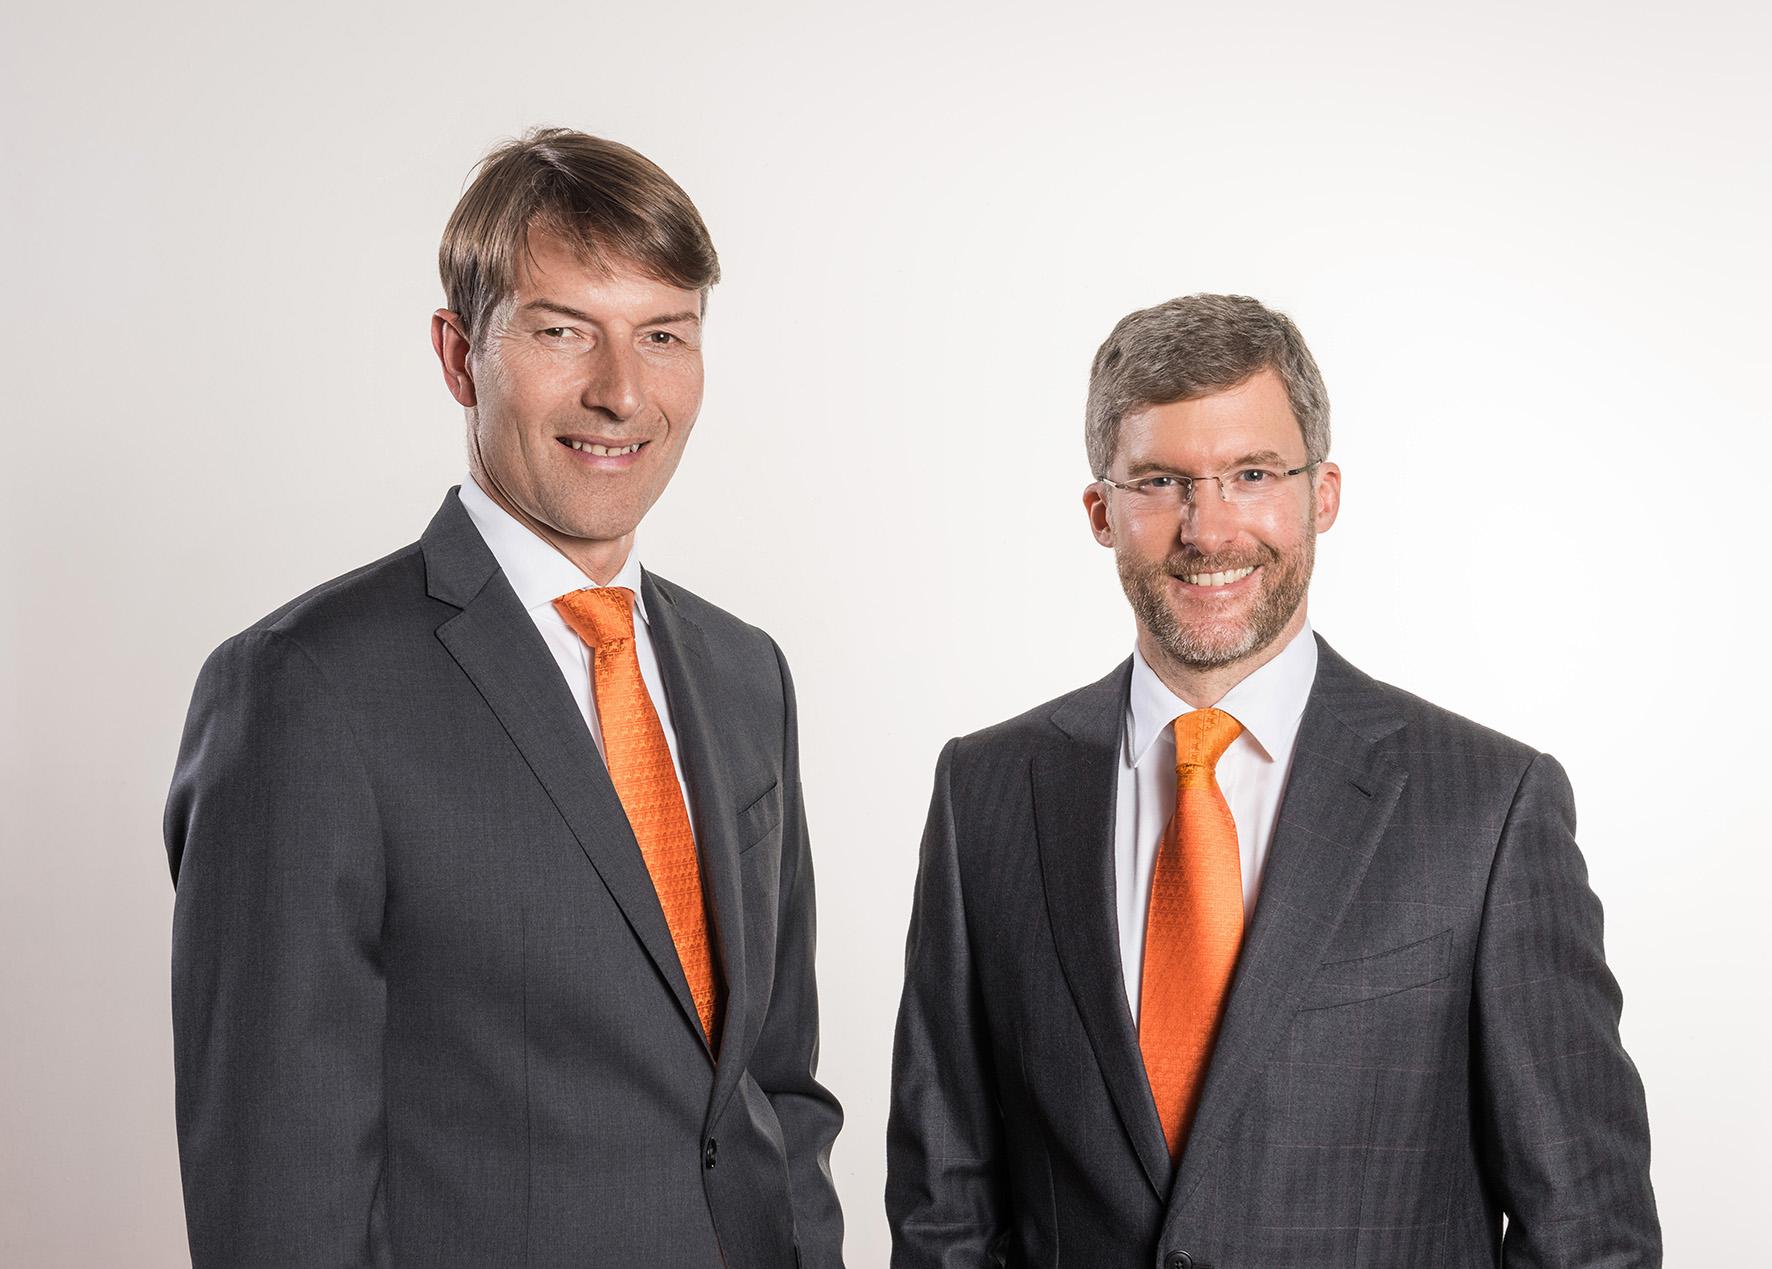 Die Amazone-Geschäftsführer Christian Dreyer und Dr. Justus Dreyer erwarten - bei gleichbleibenden Rahmenbedingungen - auch für 2017 einen leichten Umsatzzuwachs.